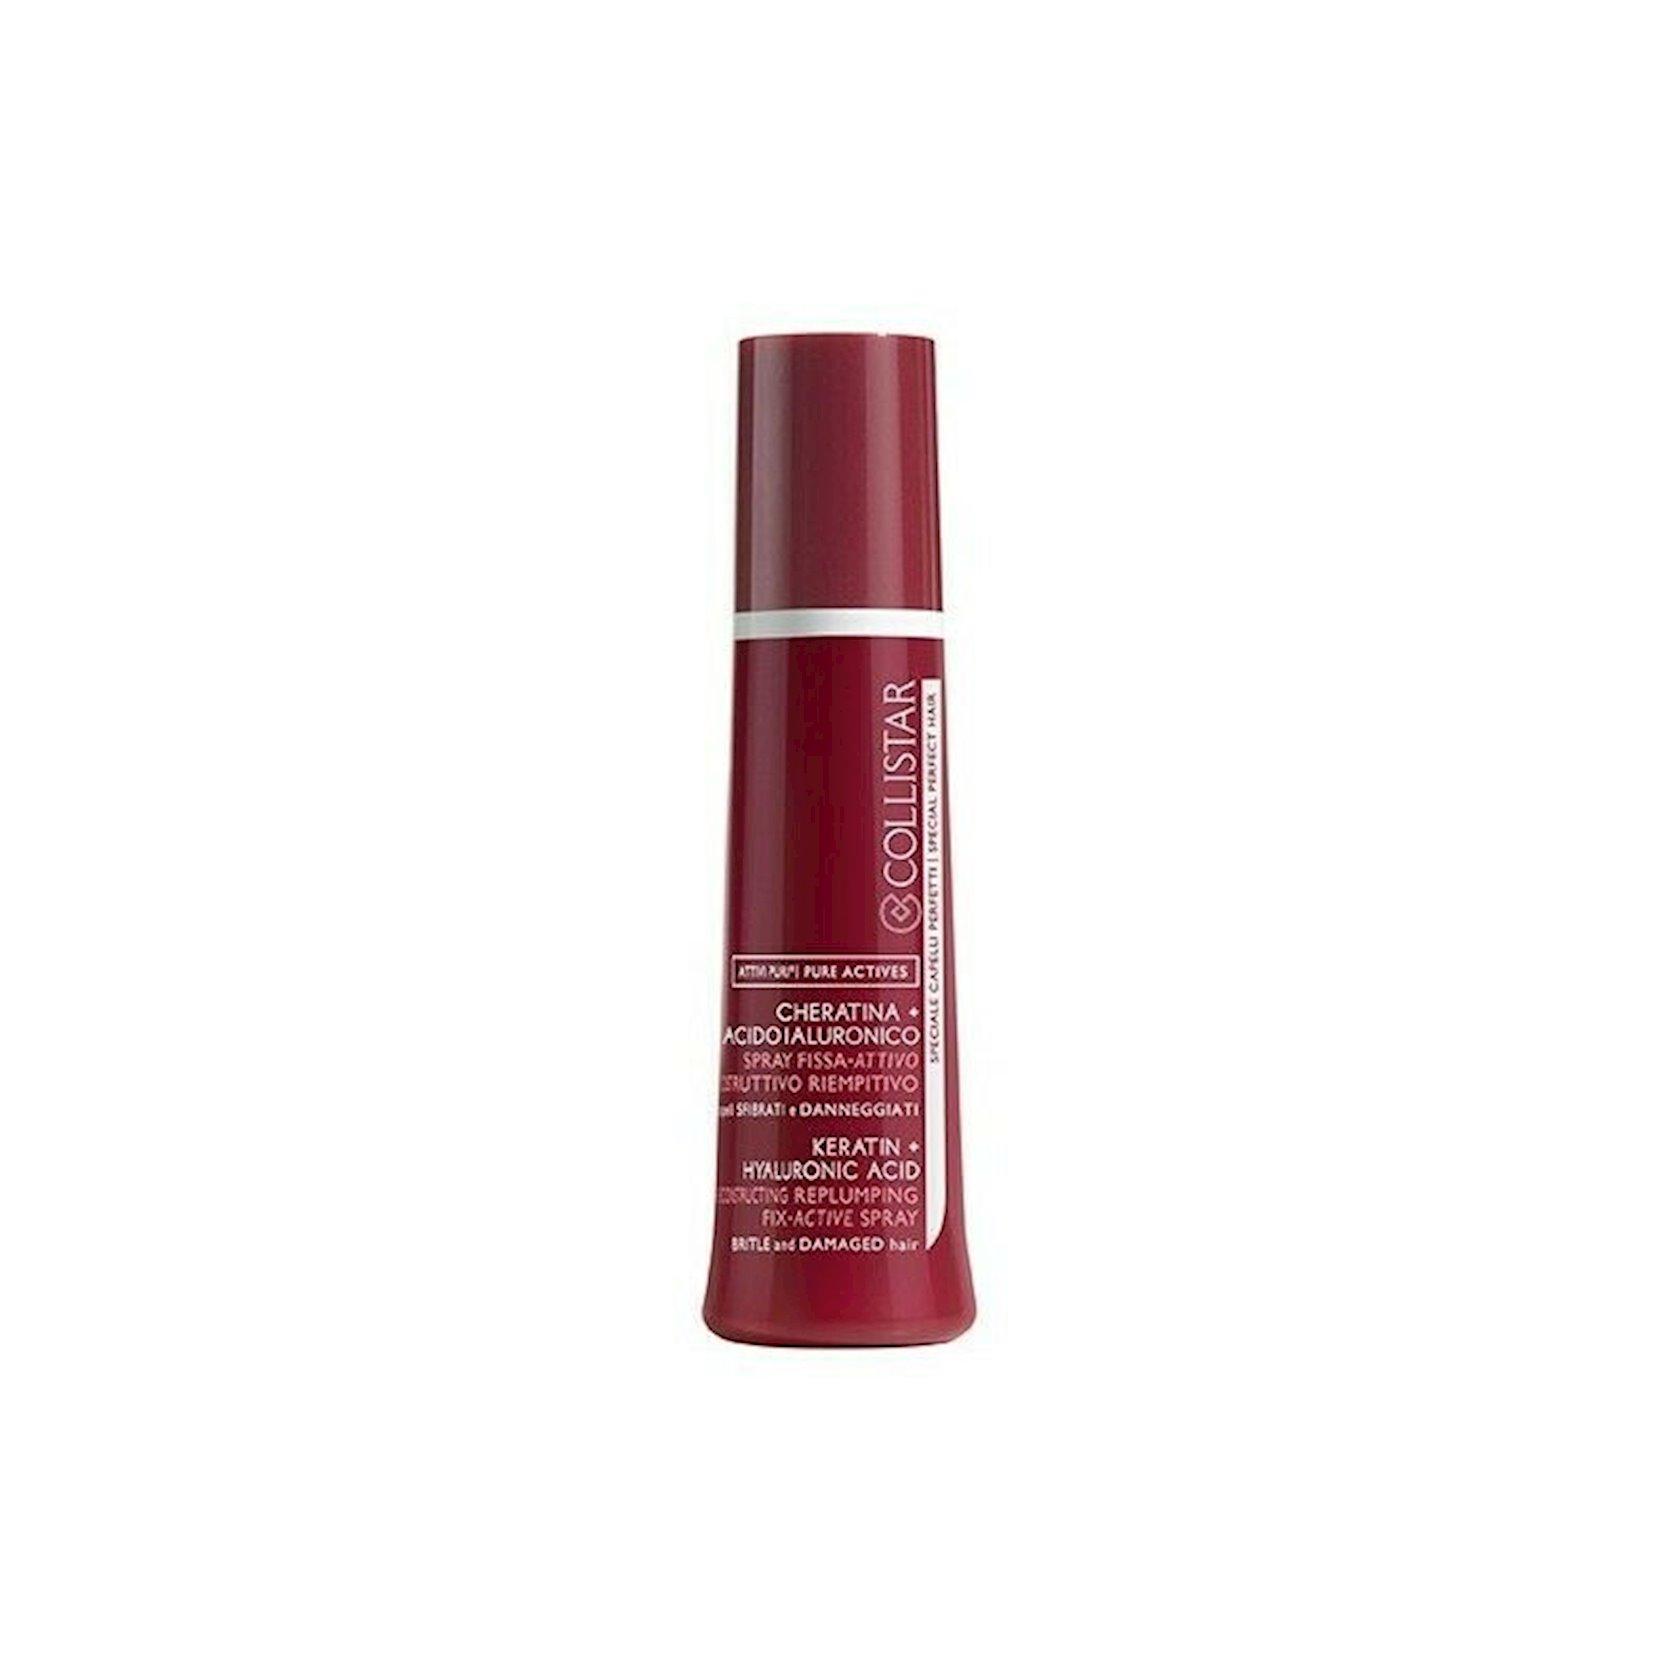 Saç spreyi Collistar Keratin Hyaluronic Acid Recondtructing Replumping Active Spray 100ml